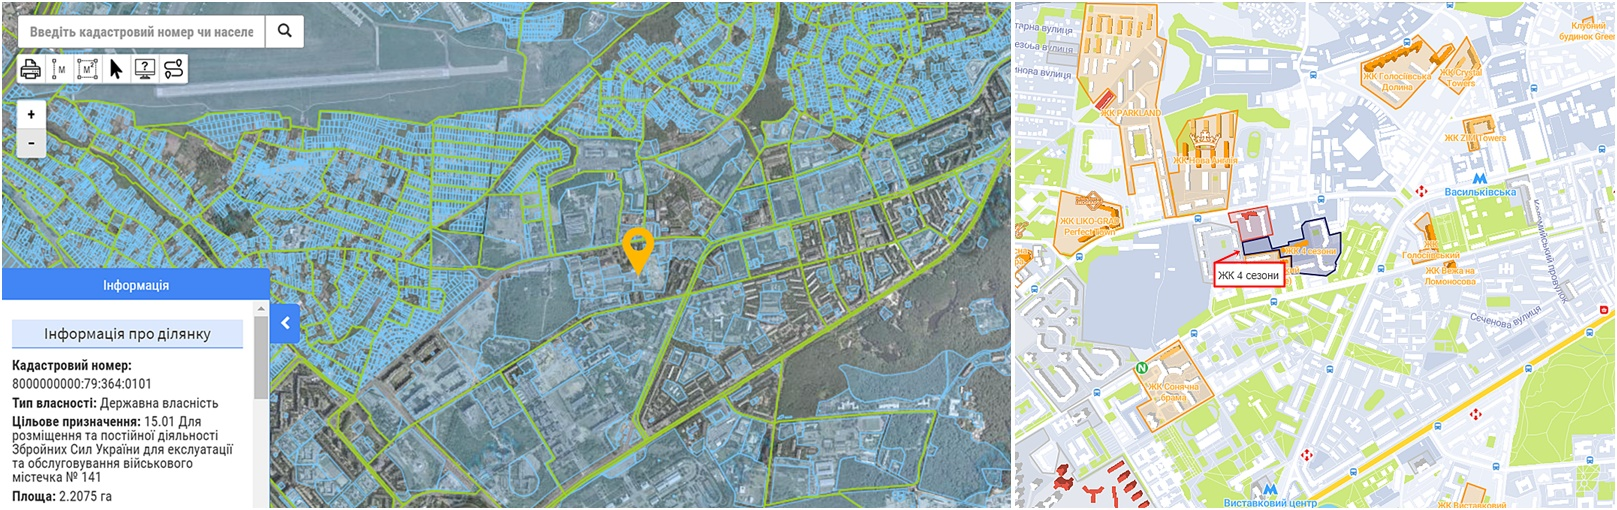 ЖК 4 сезона данные кадастра и на карте